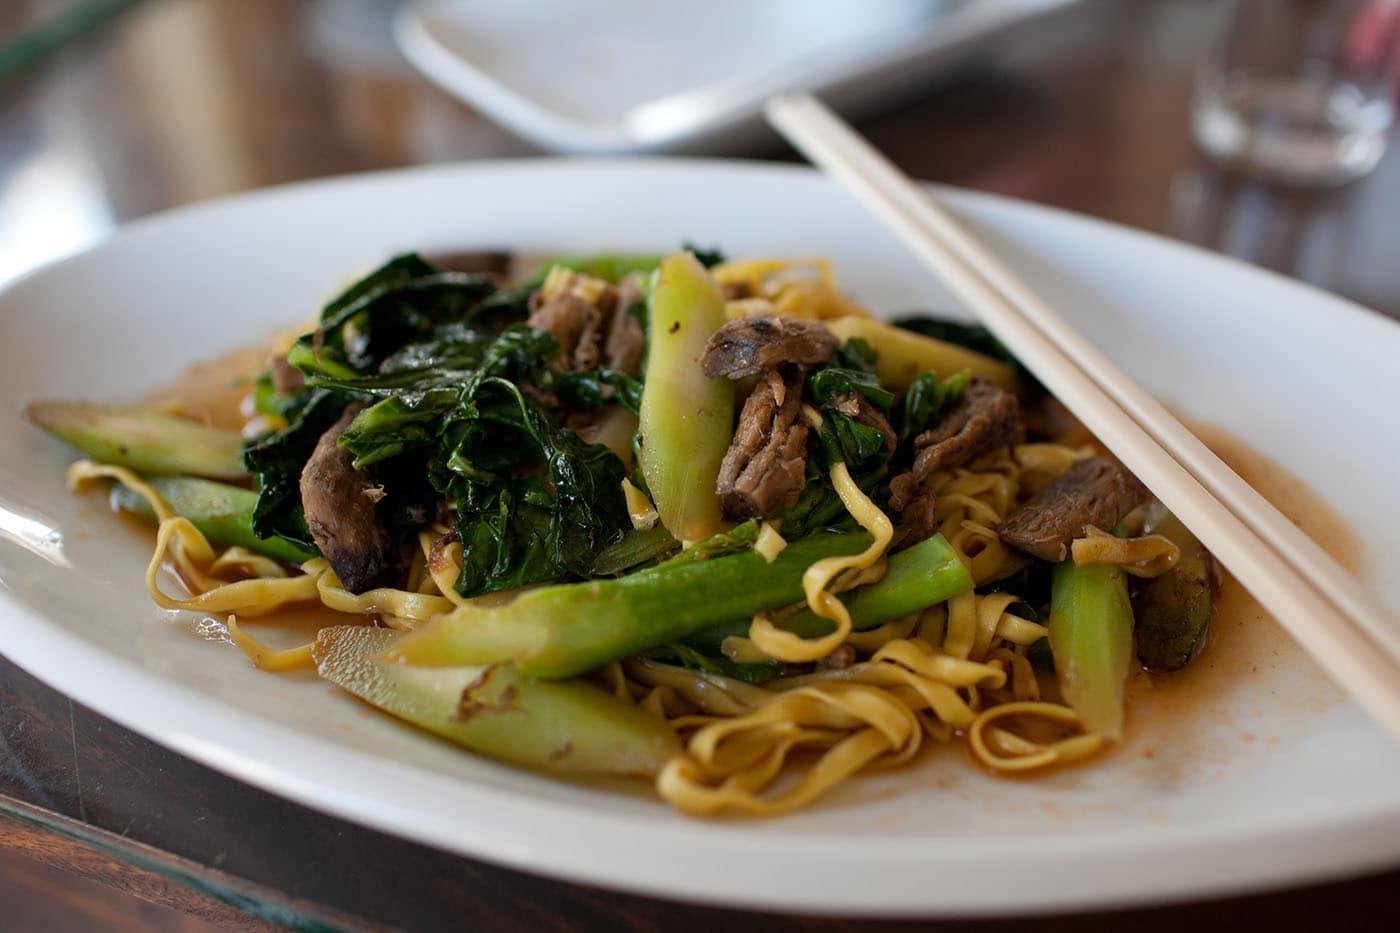 Vegetarian restaurant in Battambang, Cambodia